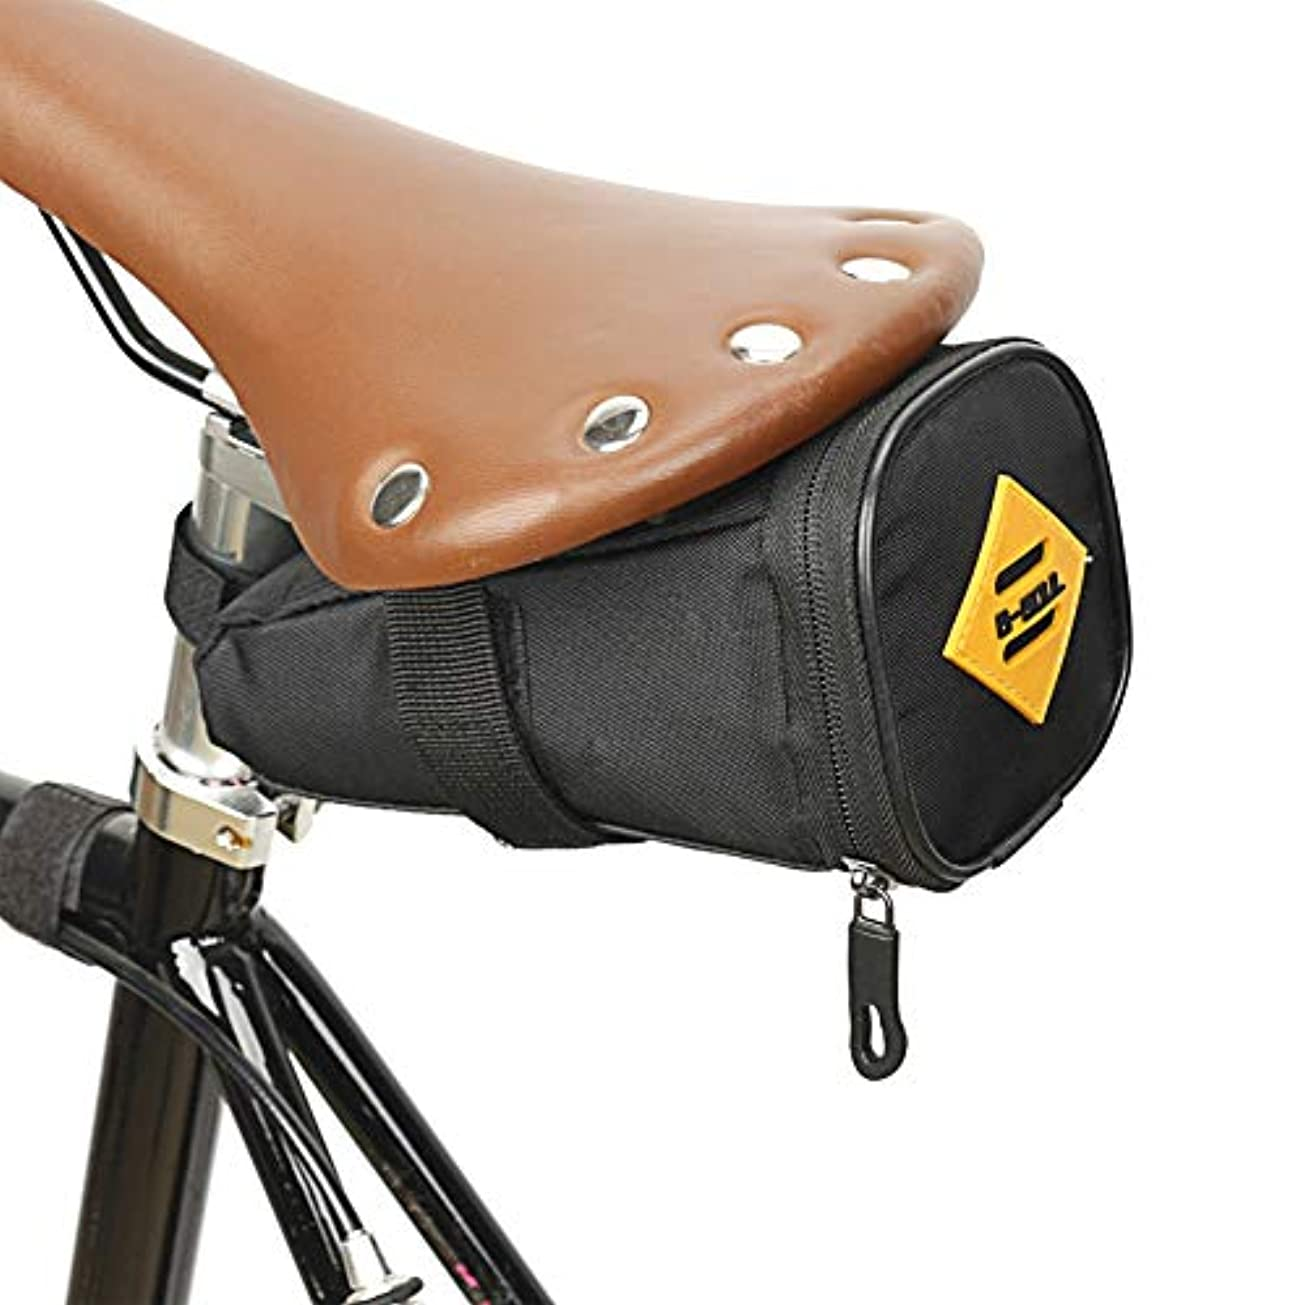 ブロッサムシットコム国歌Ochine 自転車修理道具袋 防雨自転車シートバッグ 自転車パックアクセサリー ロードバイクポーチ 自転車用防水リアシートバッグ テールバッグ